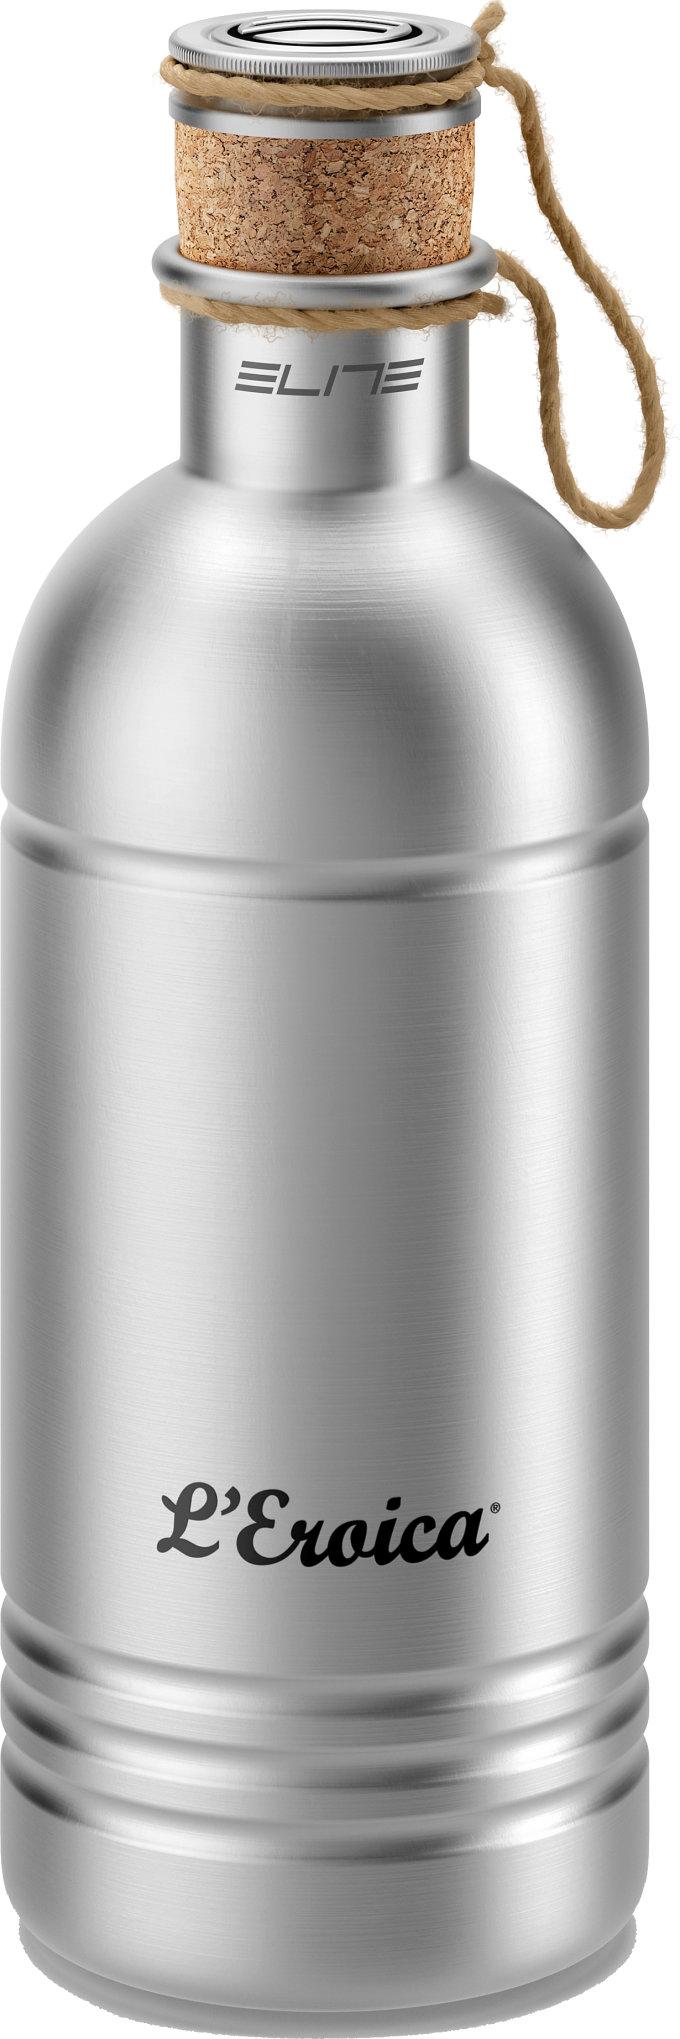 ELITE láhev L'EROICA, Alu, stříbrná, 600 ml